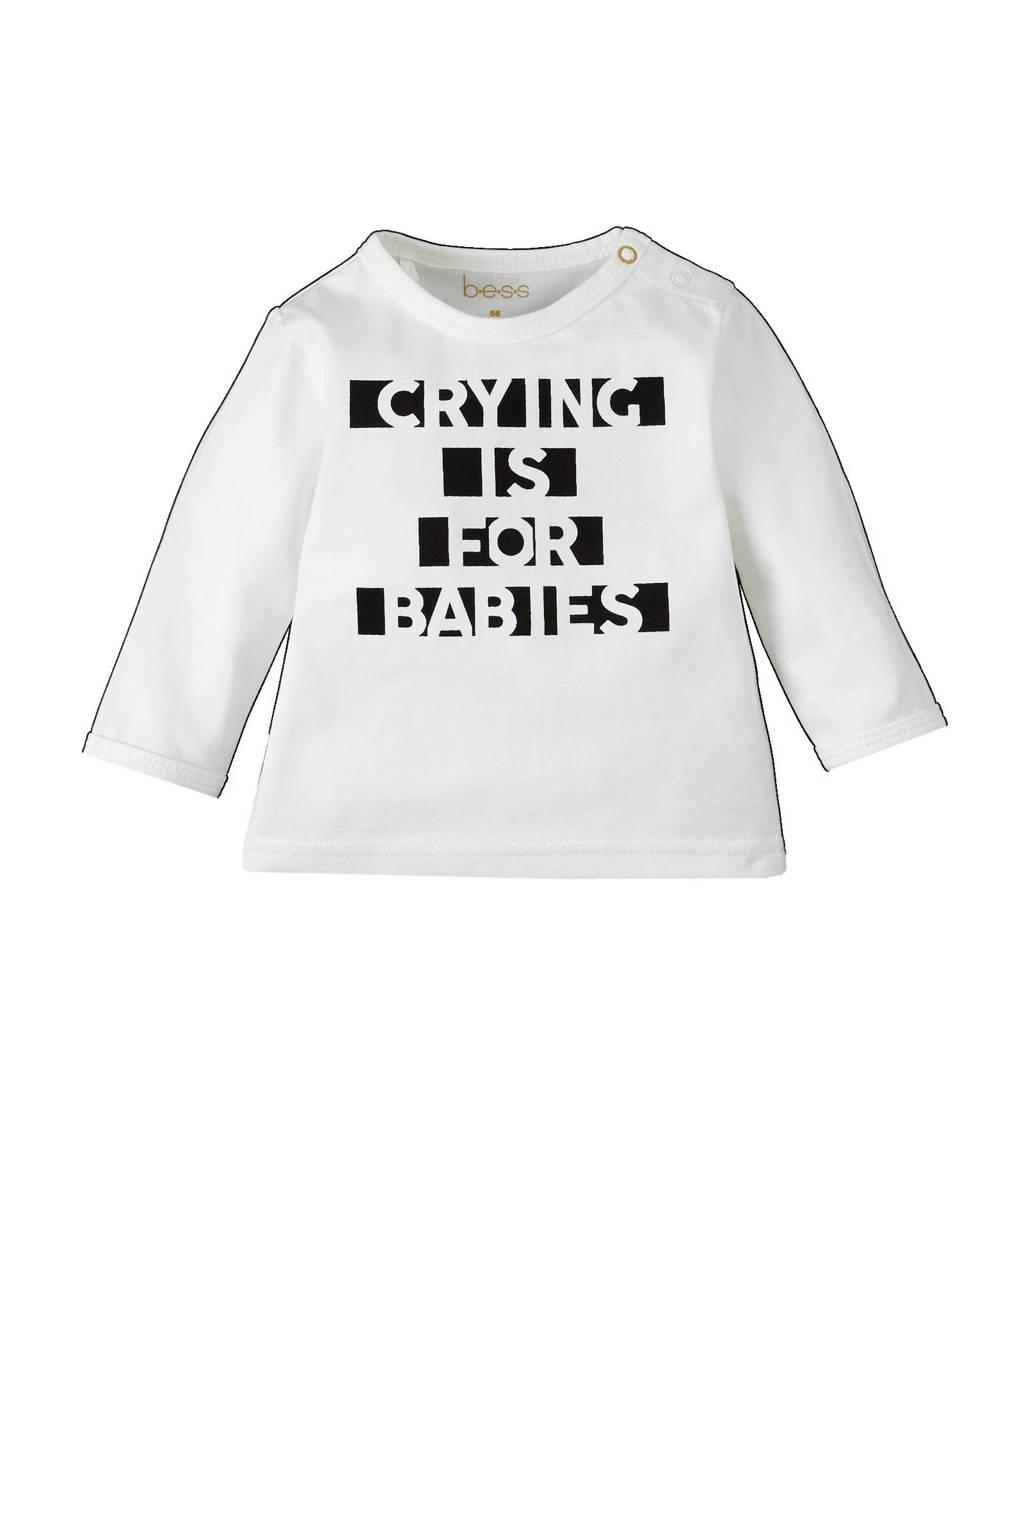 B.E.S.S newborn T-shirt, wit/ zwart